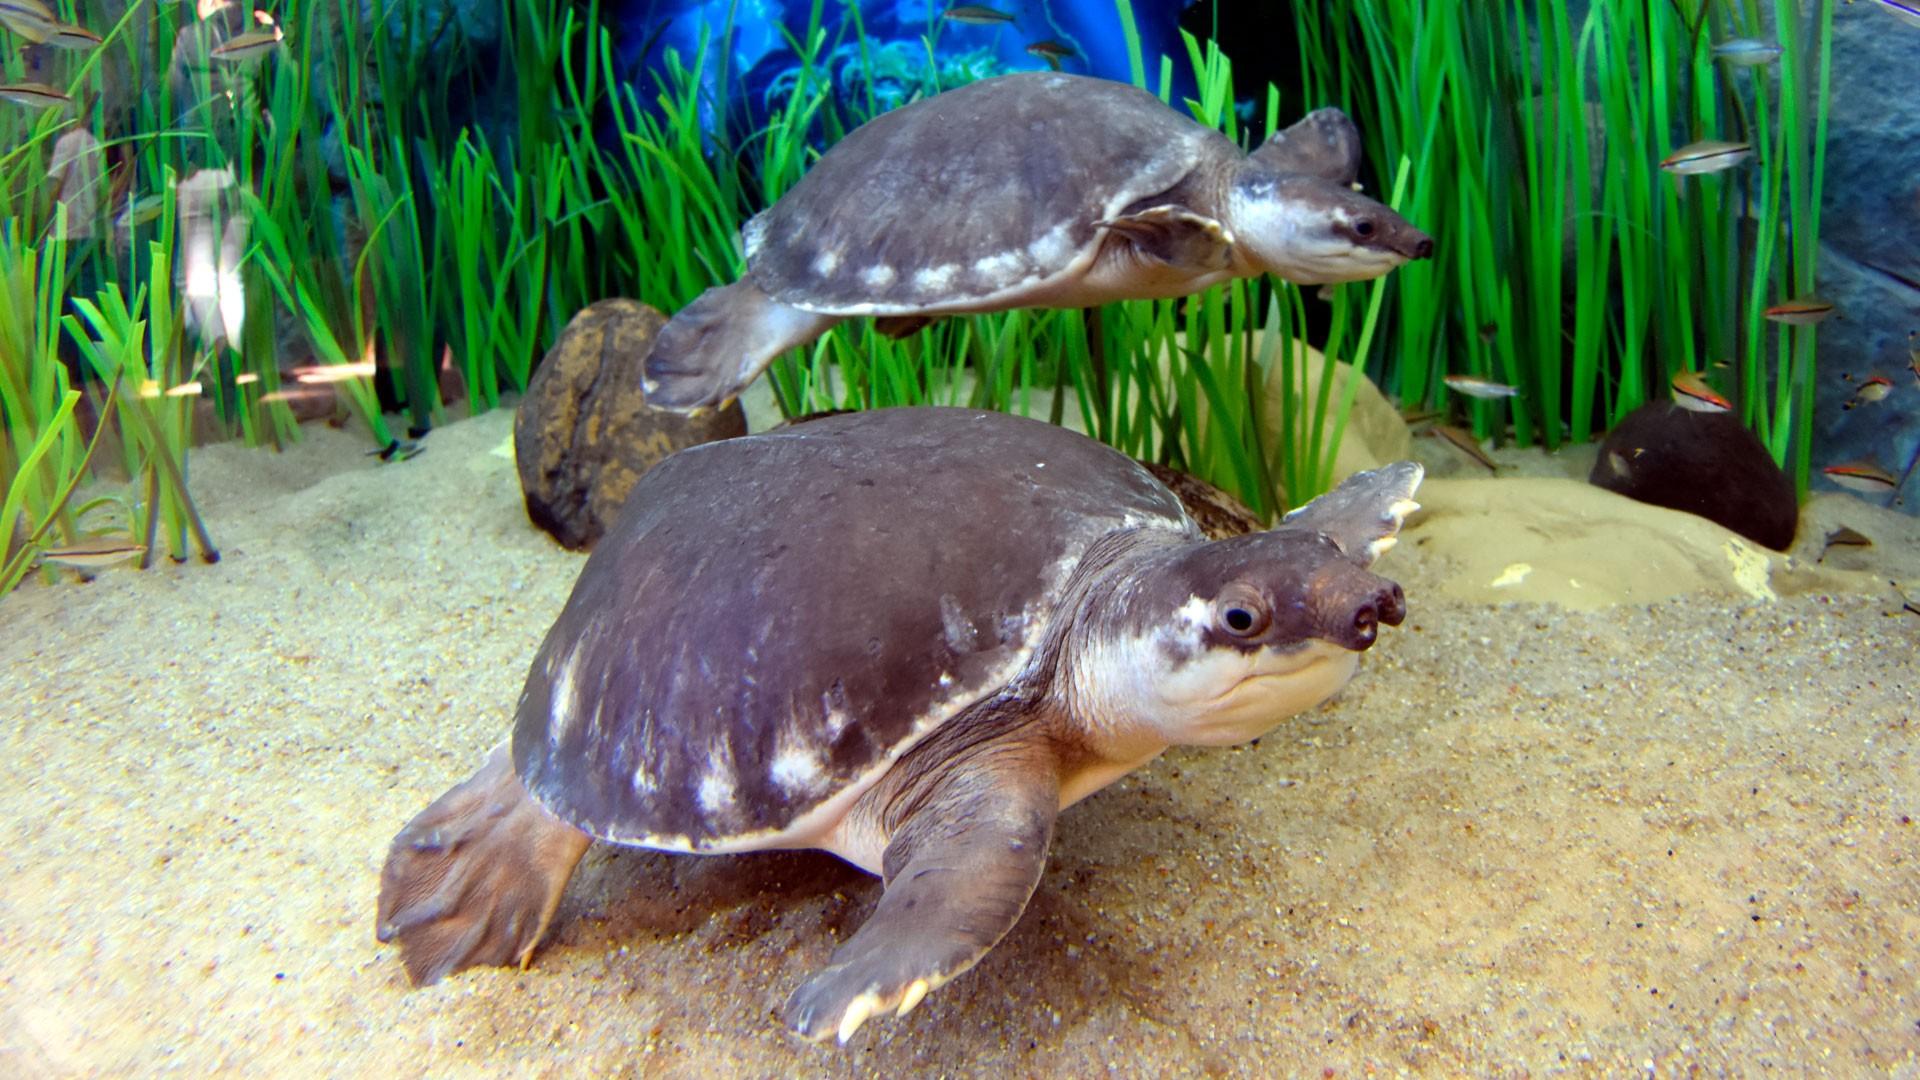 Pignose-Schildkröte